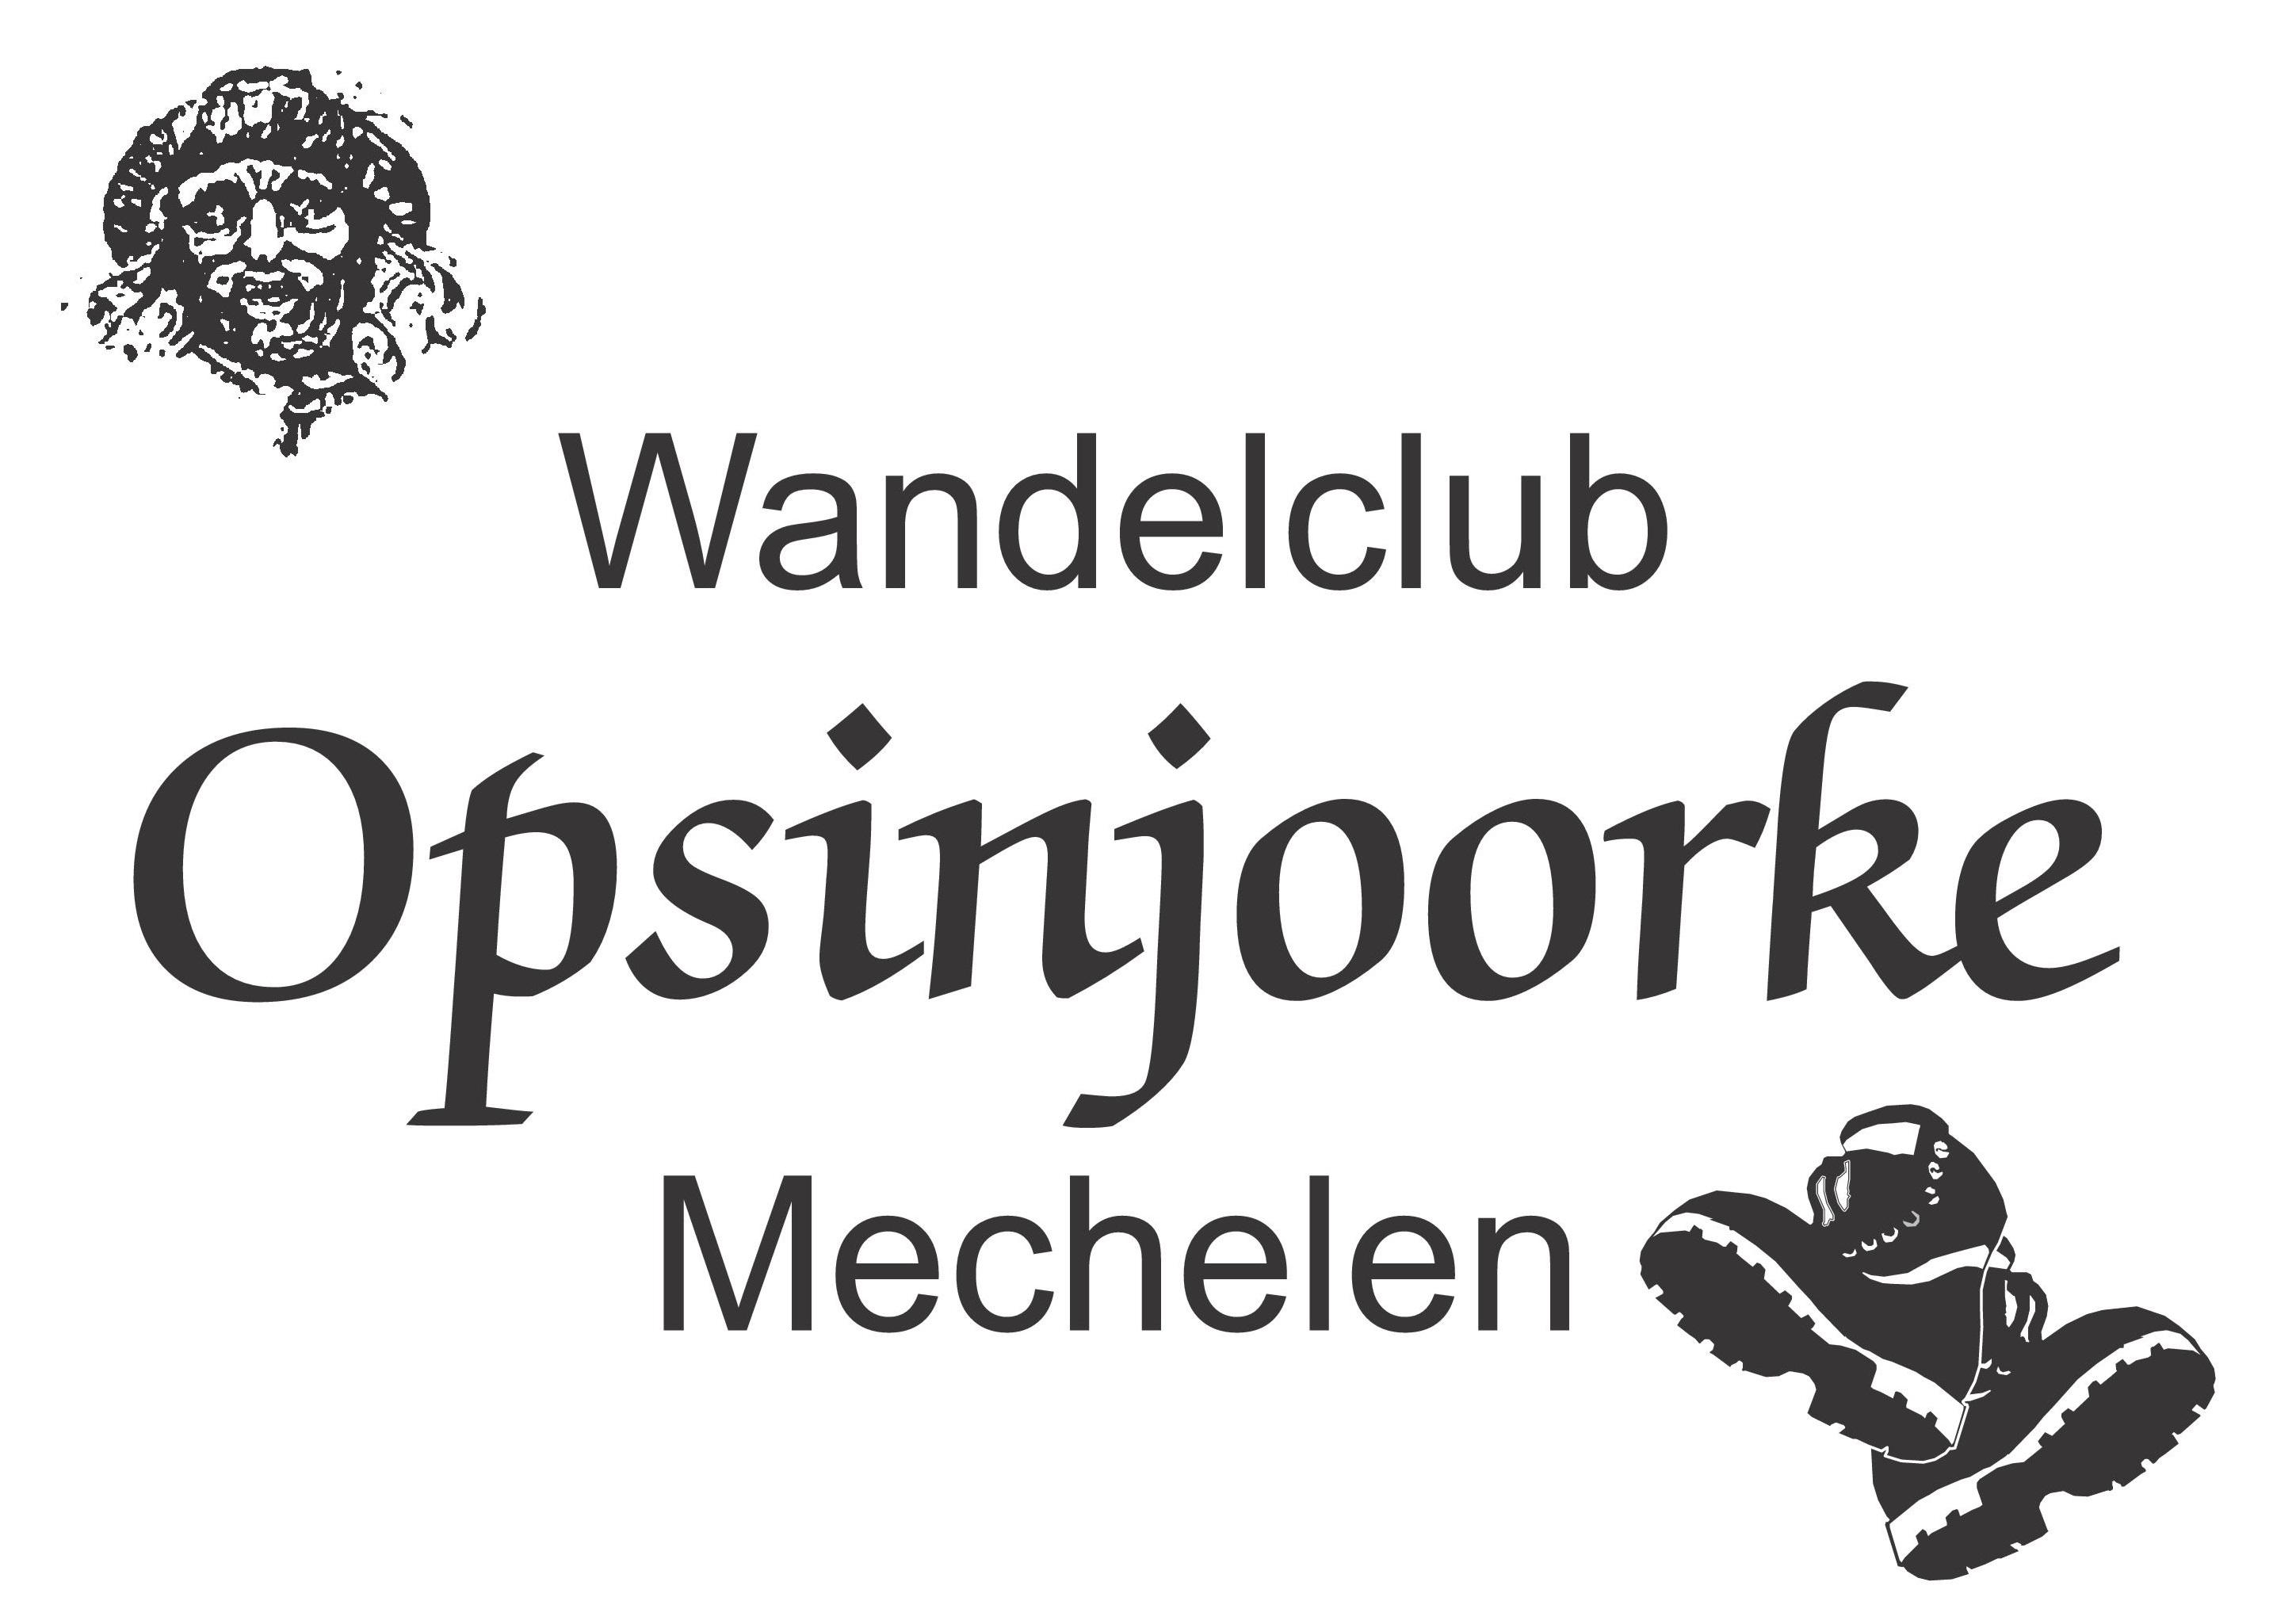 Wandelclub Opsinjoorke Mechelen vzw